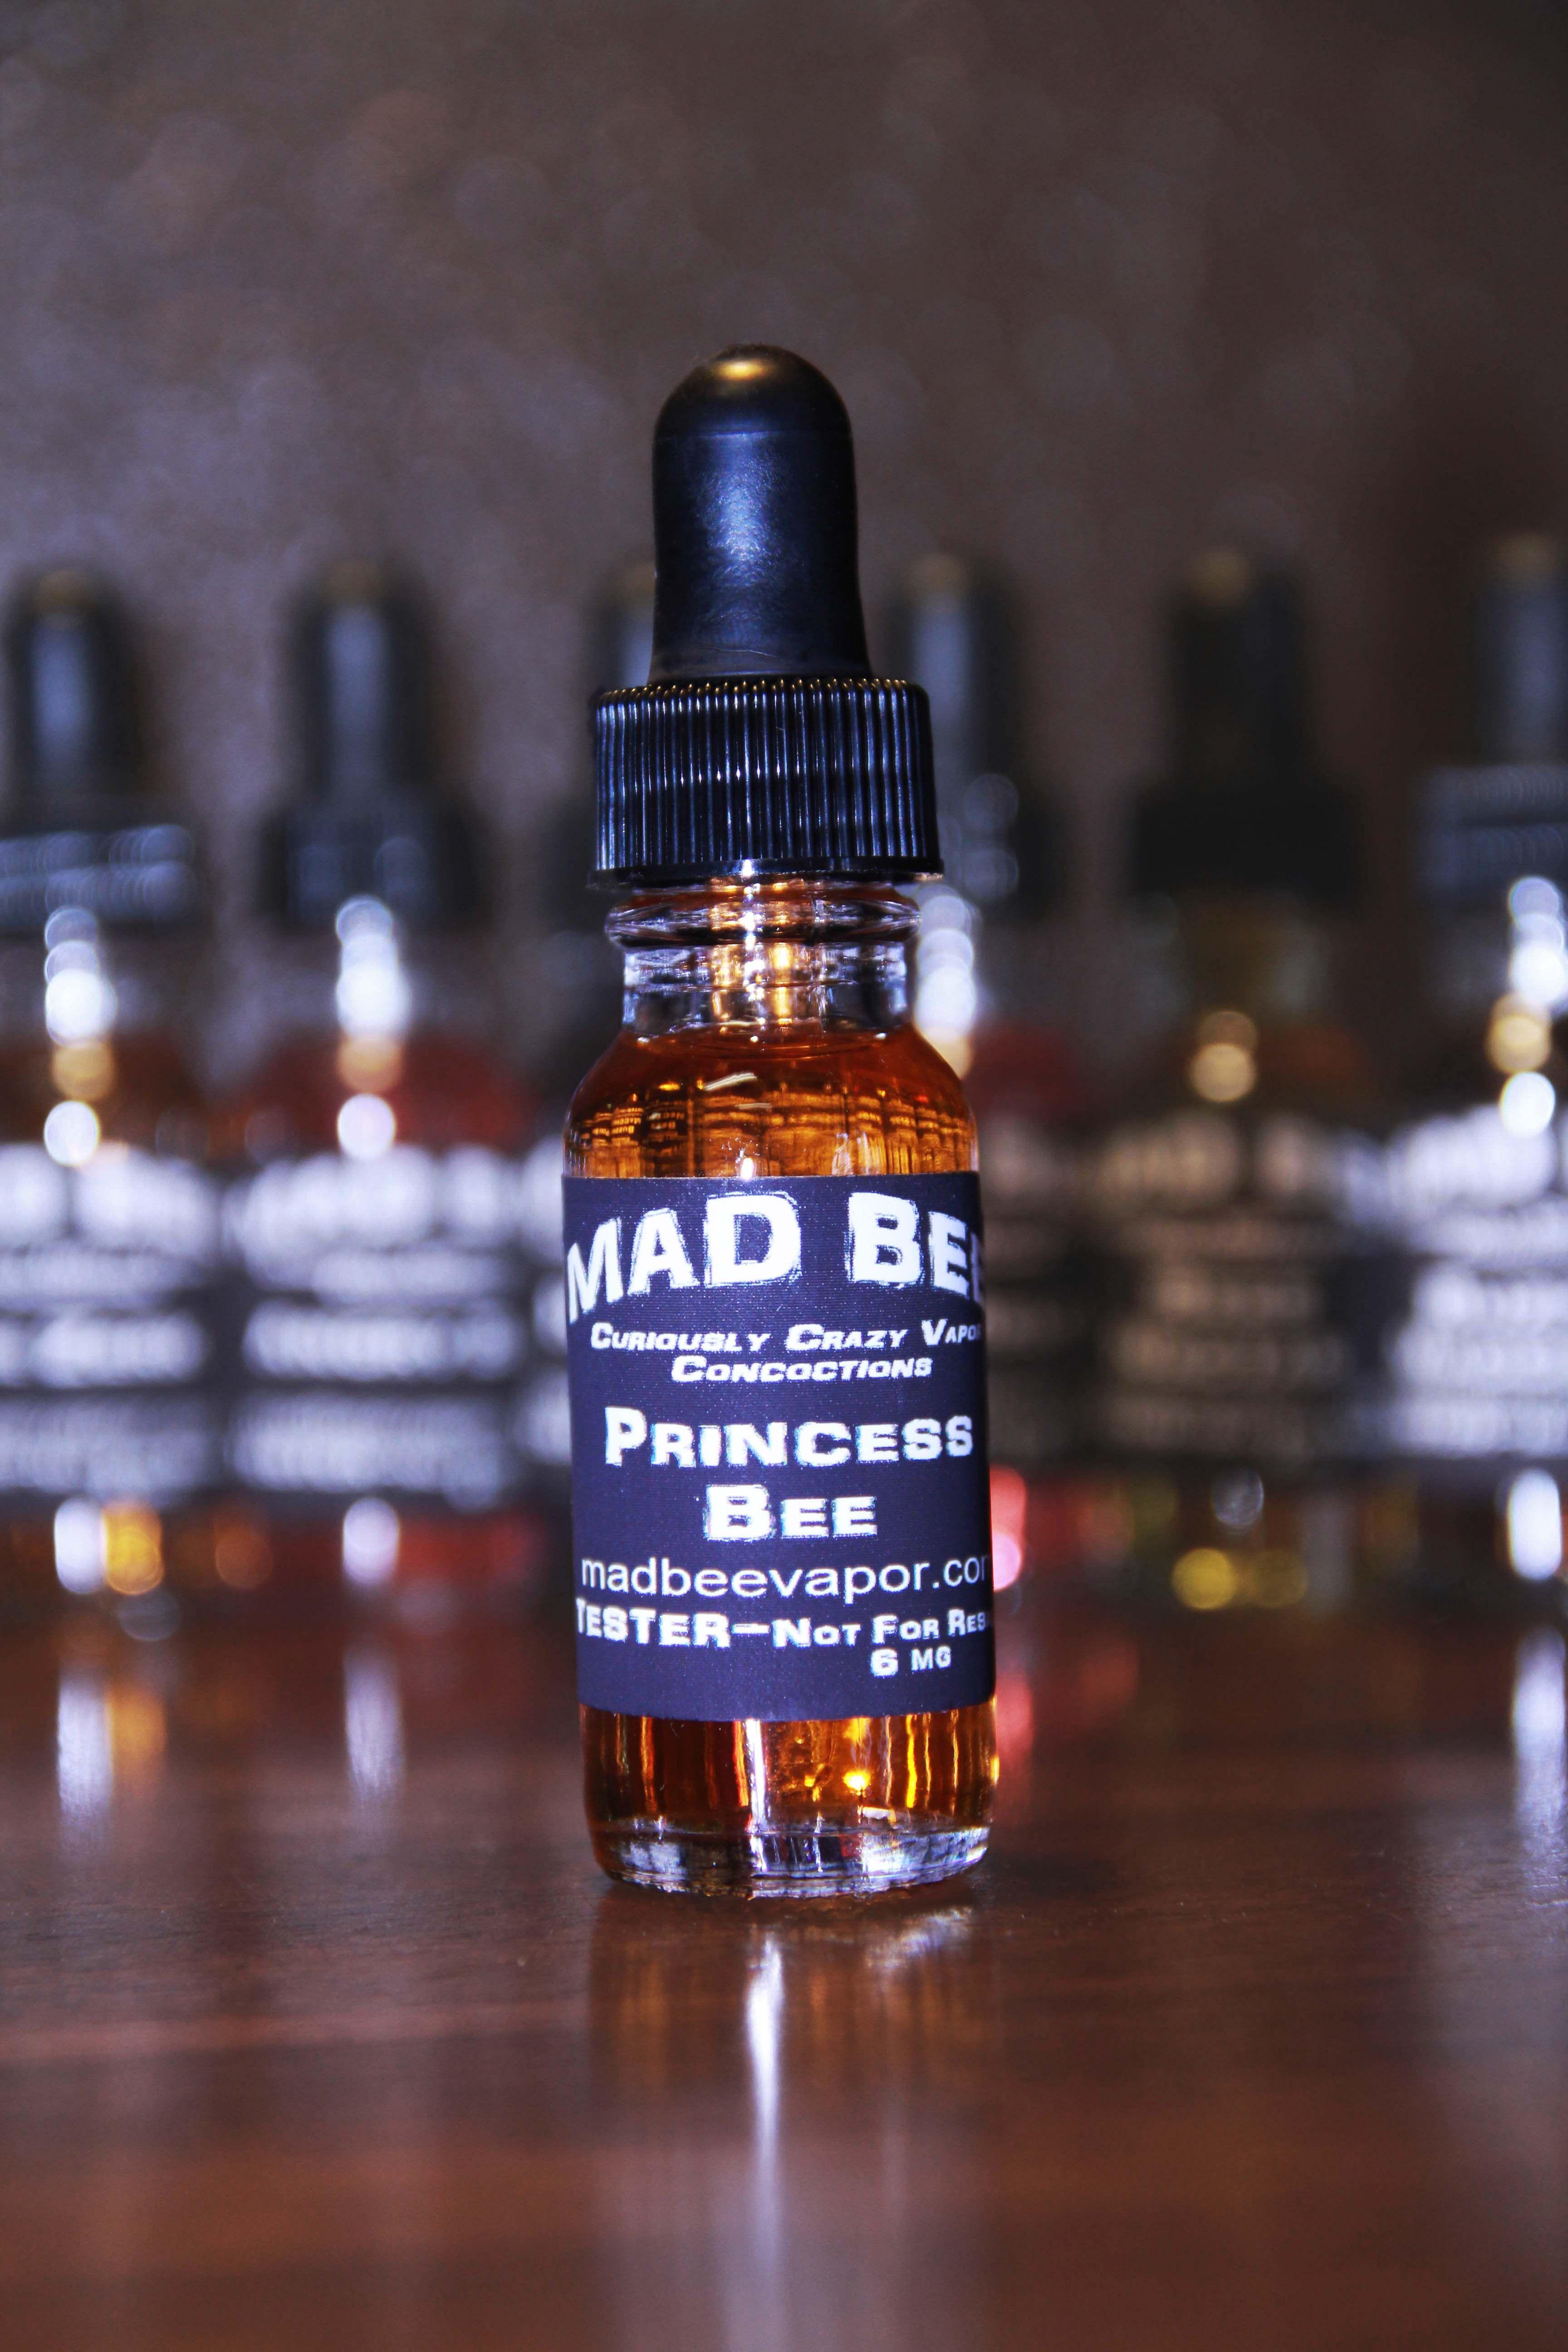 Mad Bee Vapor - Princess Bee, vape, vapor, vaporizer, vaping